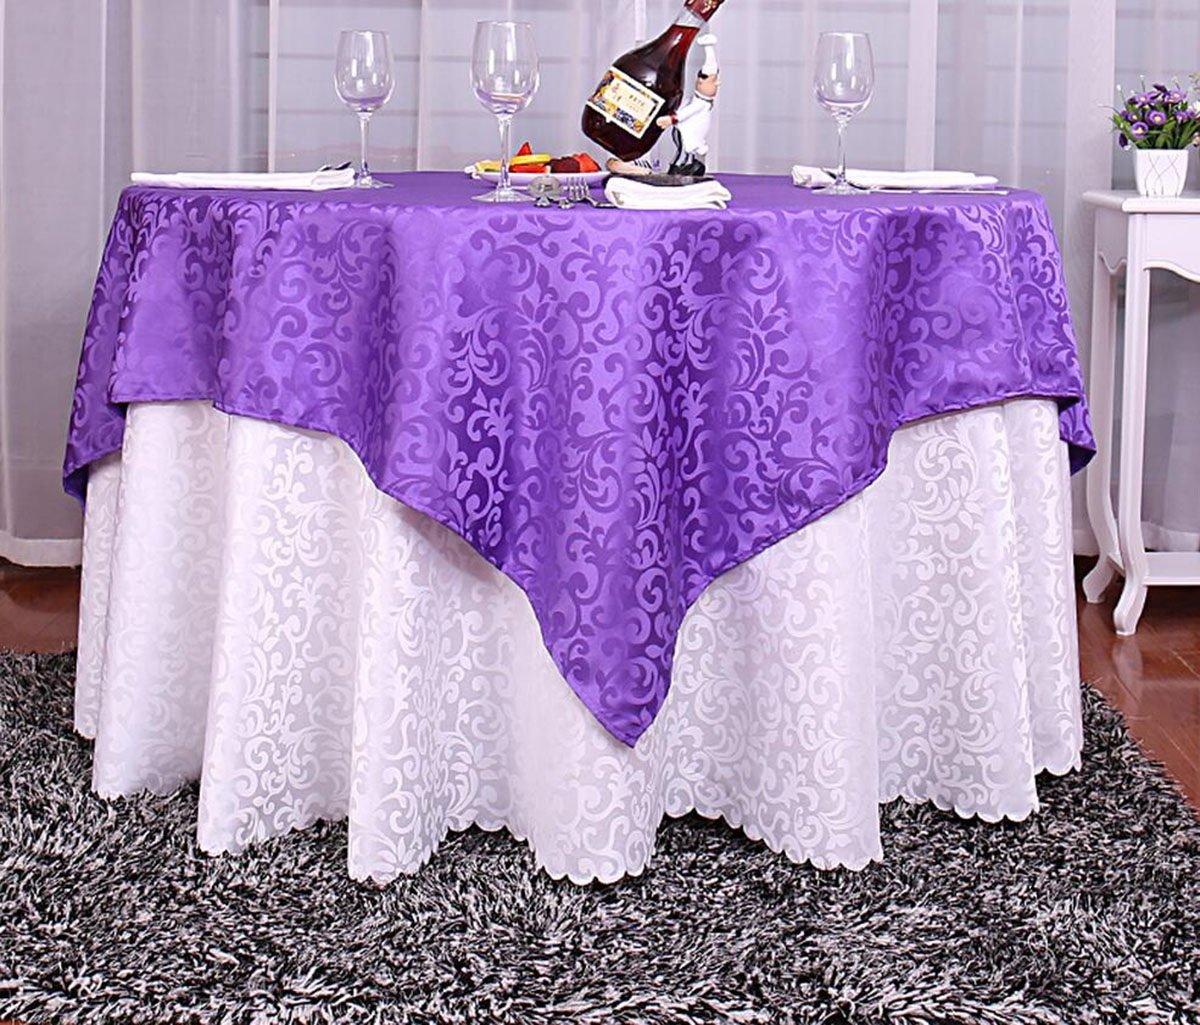 Doppio stile europeo Tovaglia panno Pastorale Tovaglia, Tovaglia telo di copertura Tovaglia Suit Hotel Tovaglia ( colore   A , dimensioni   2.2 round )